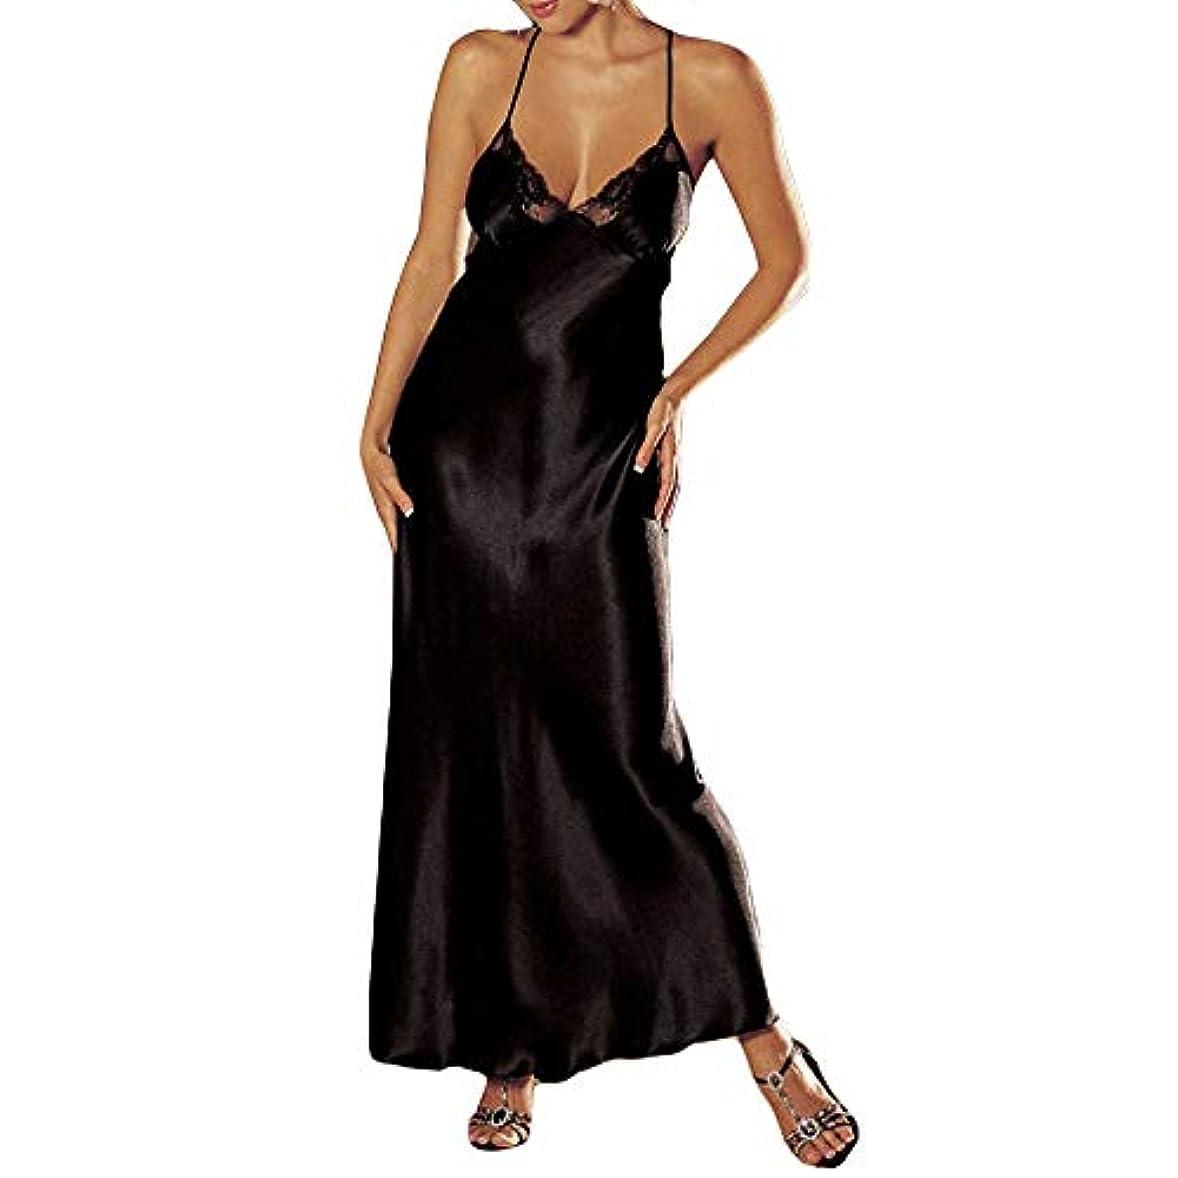 非難生スカウト吊りドレス liqiuxiang ウーマン 快適 柔らかい ロングスカート 女性 エレガント 着心地 通気性抜群 パジャマ レディース 上下 花柄 ノースリーブ 高級 襦袢